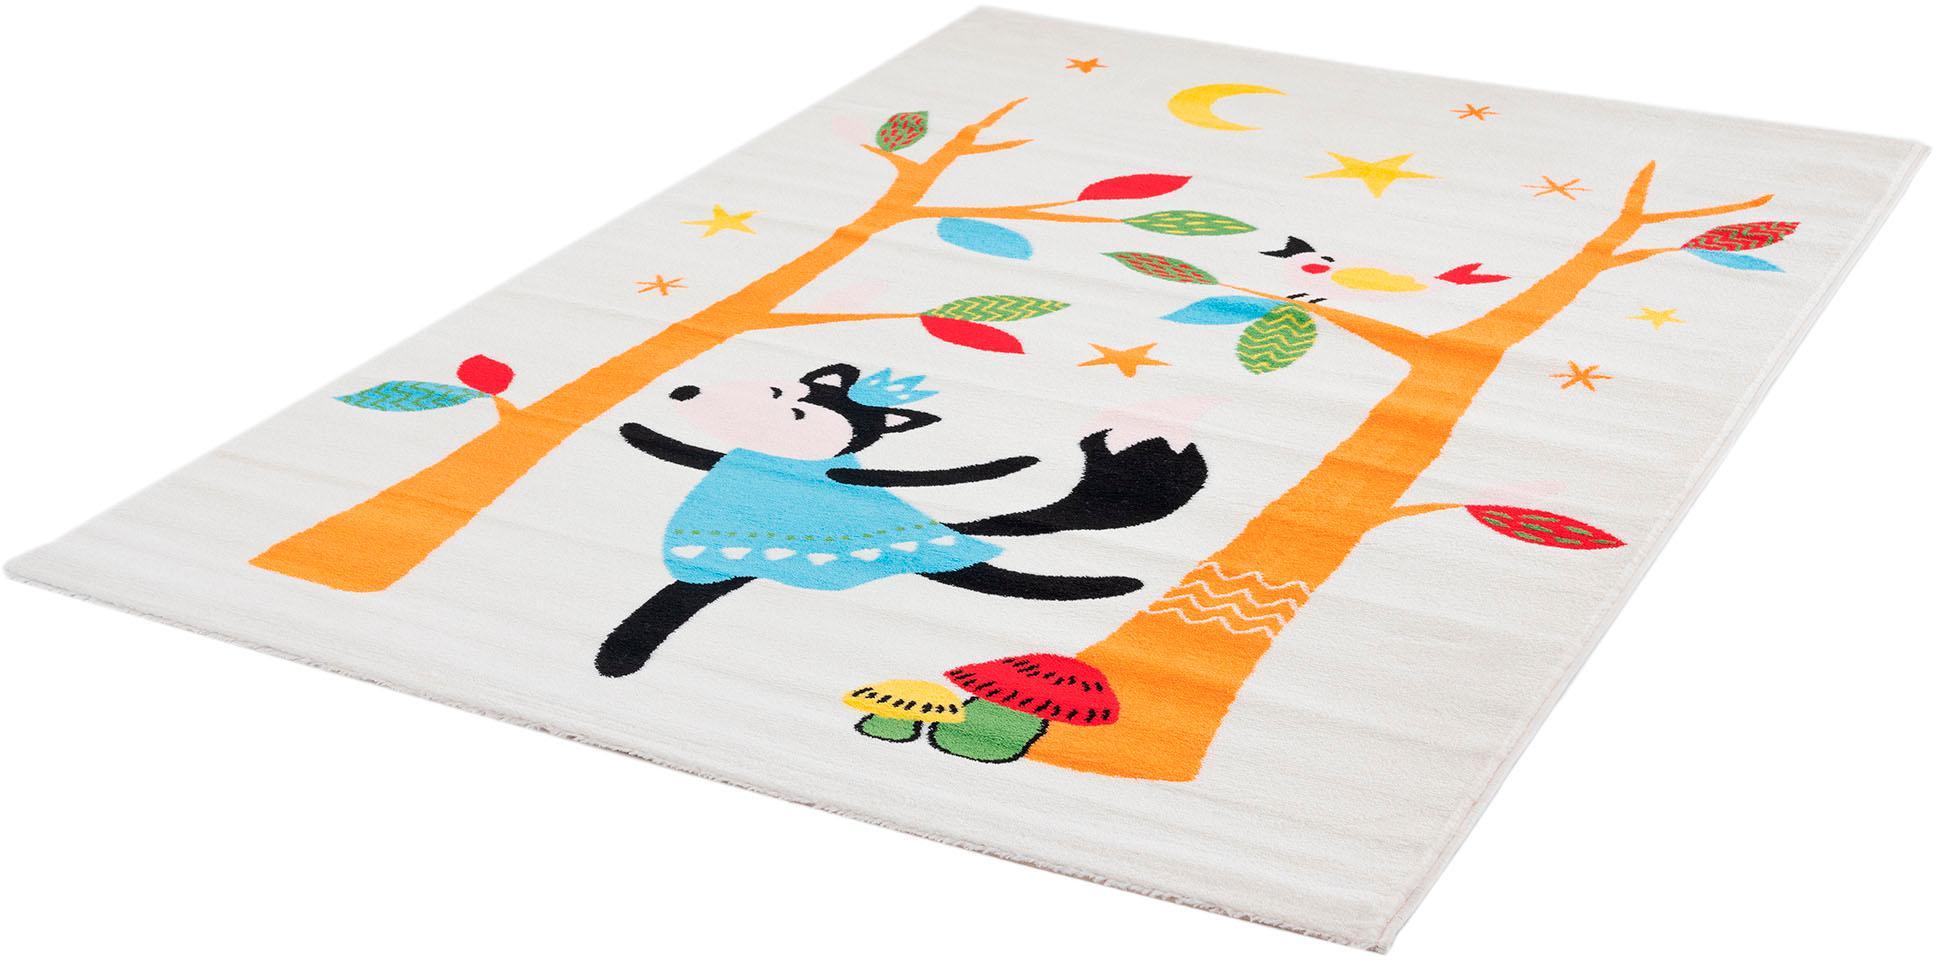 Kinderteppich Bambino 2111 Sanat Teppiche rechteckig Höhe 12 mm maschinell gewebt